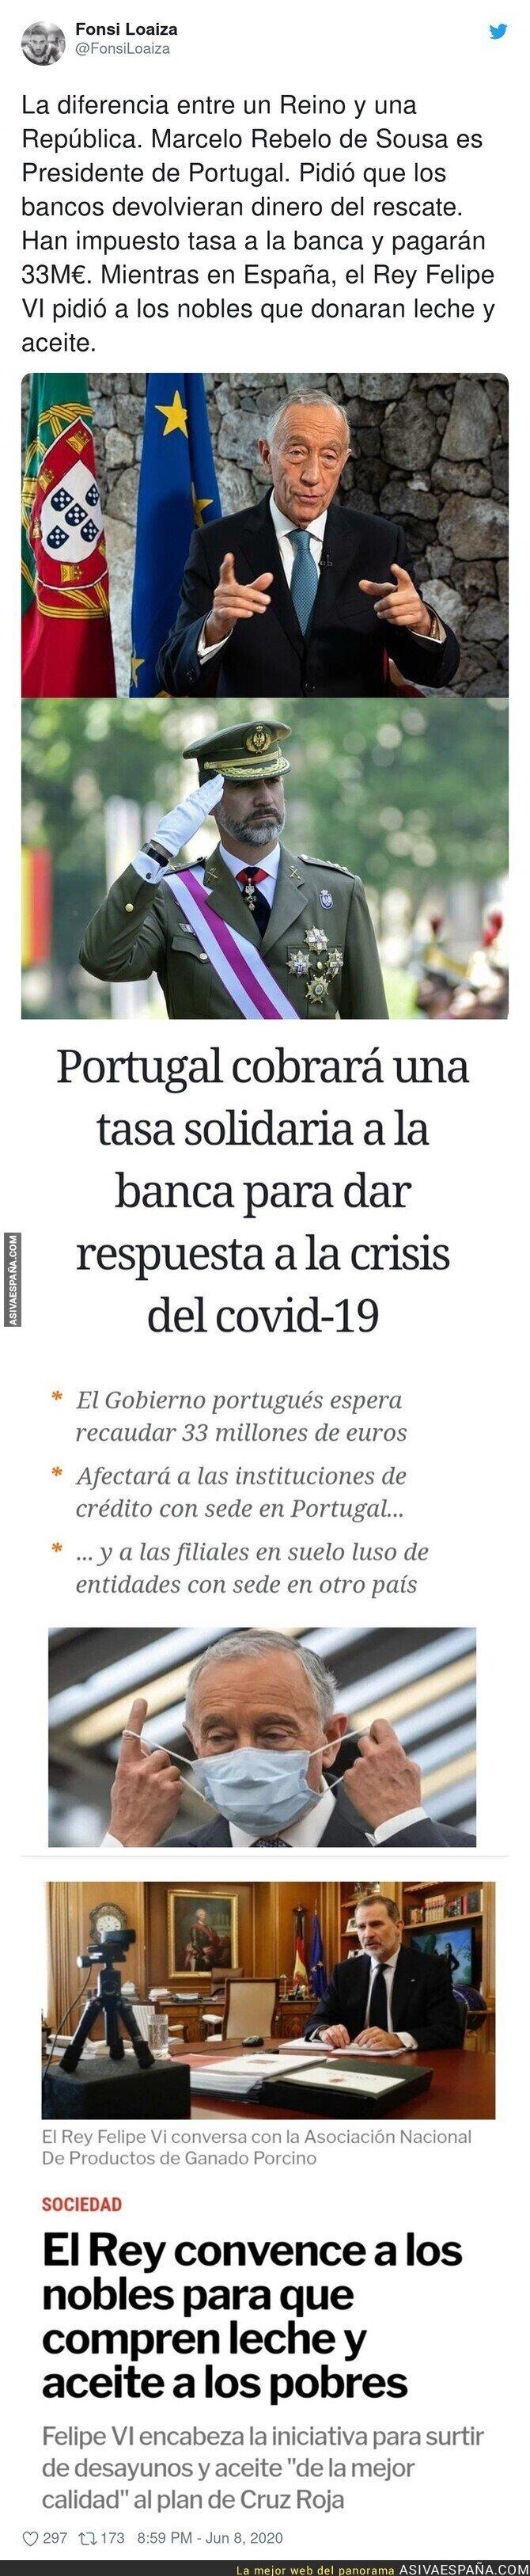 213264 - Que envidia de Portugal viendo estas noticias